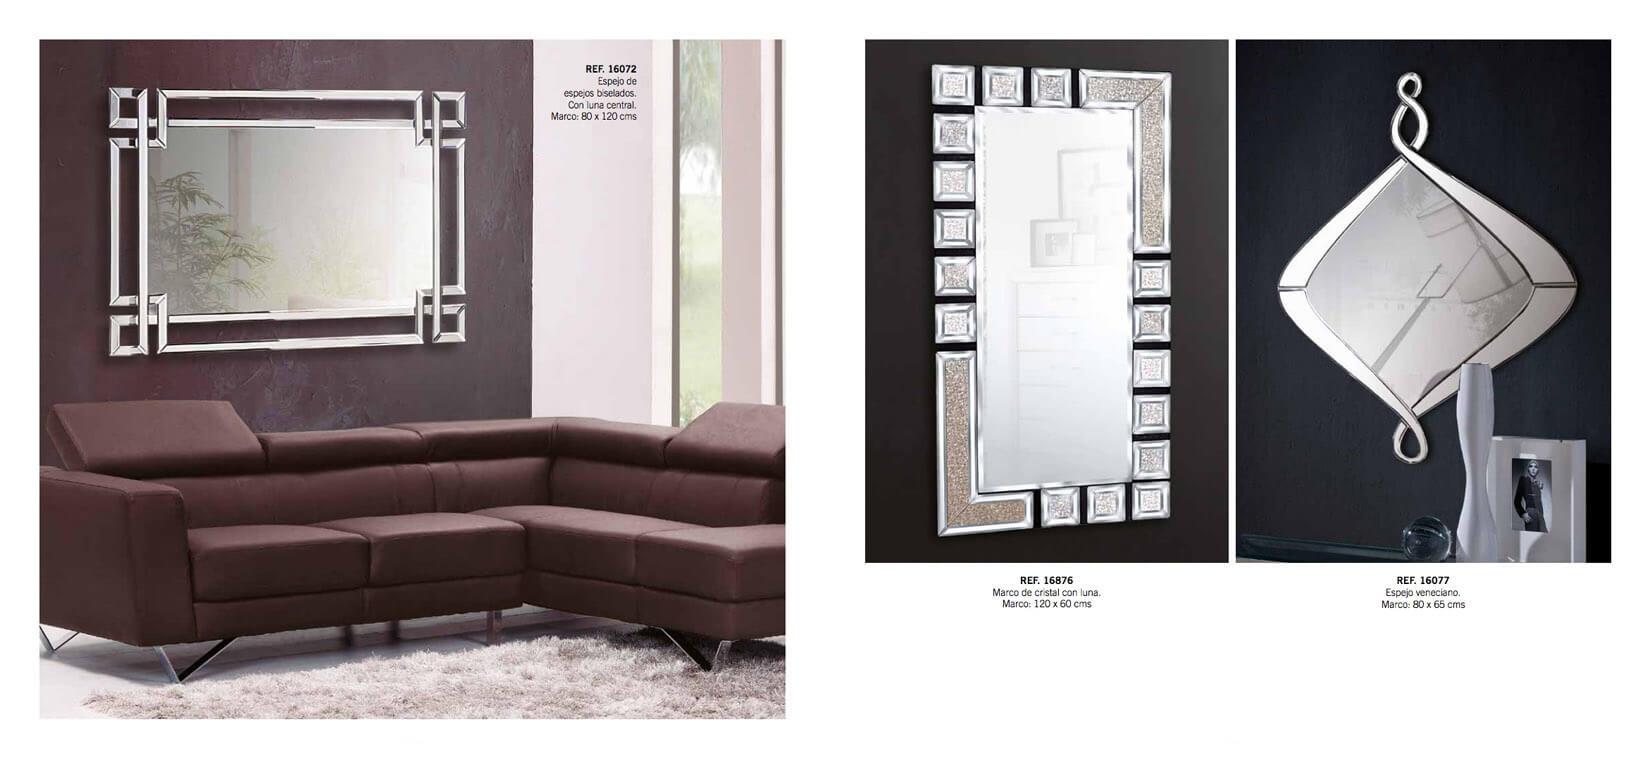 Interiorismo Espejos GYC - Ref. 0014